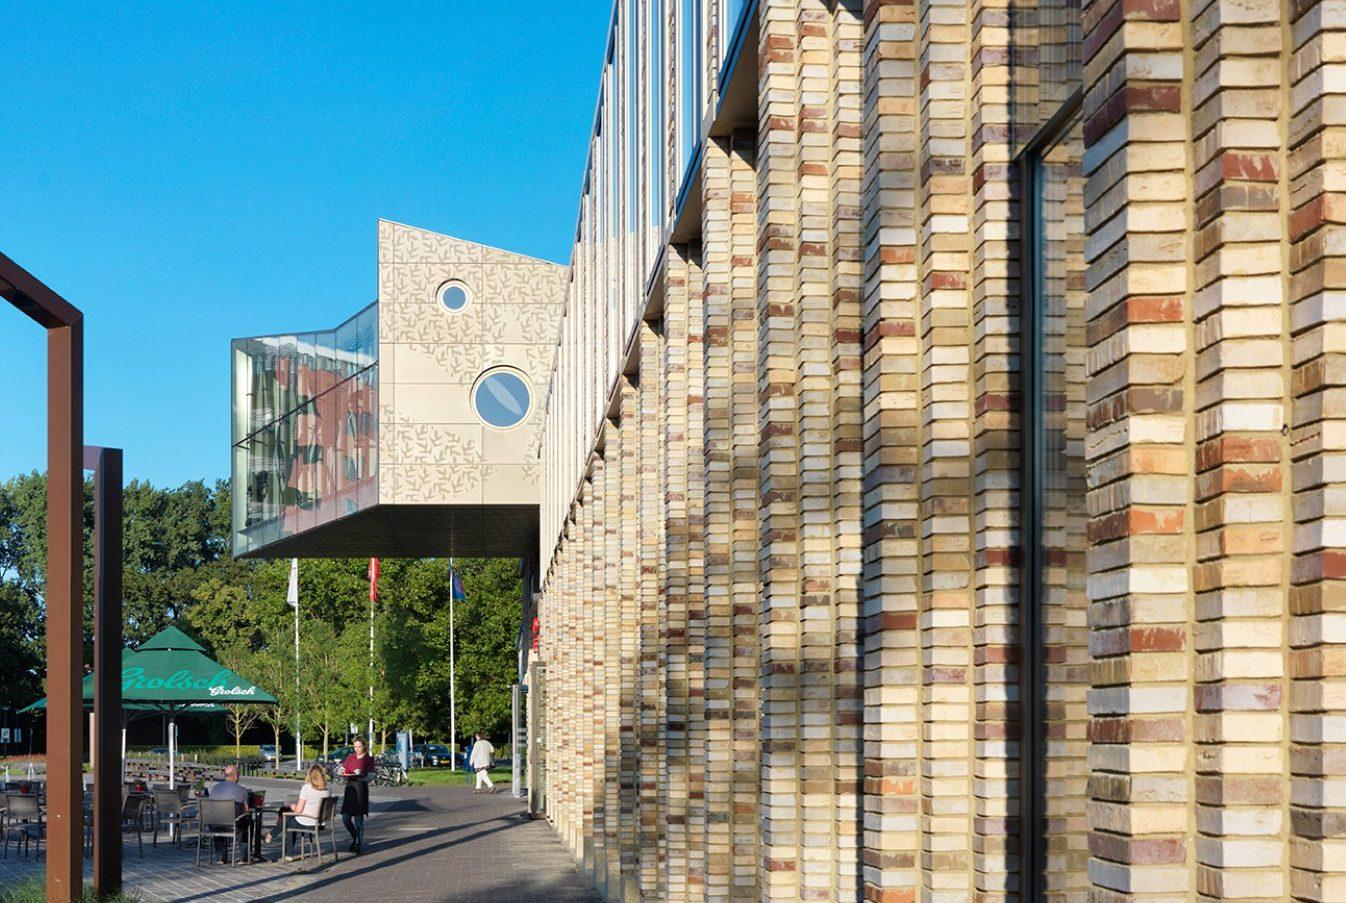 Zijaanzicht Huis voor cultuur en bestuur Hoogezand-Sappemeer gevelbekleding